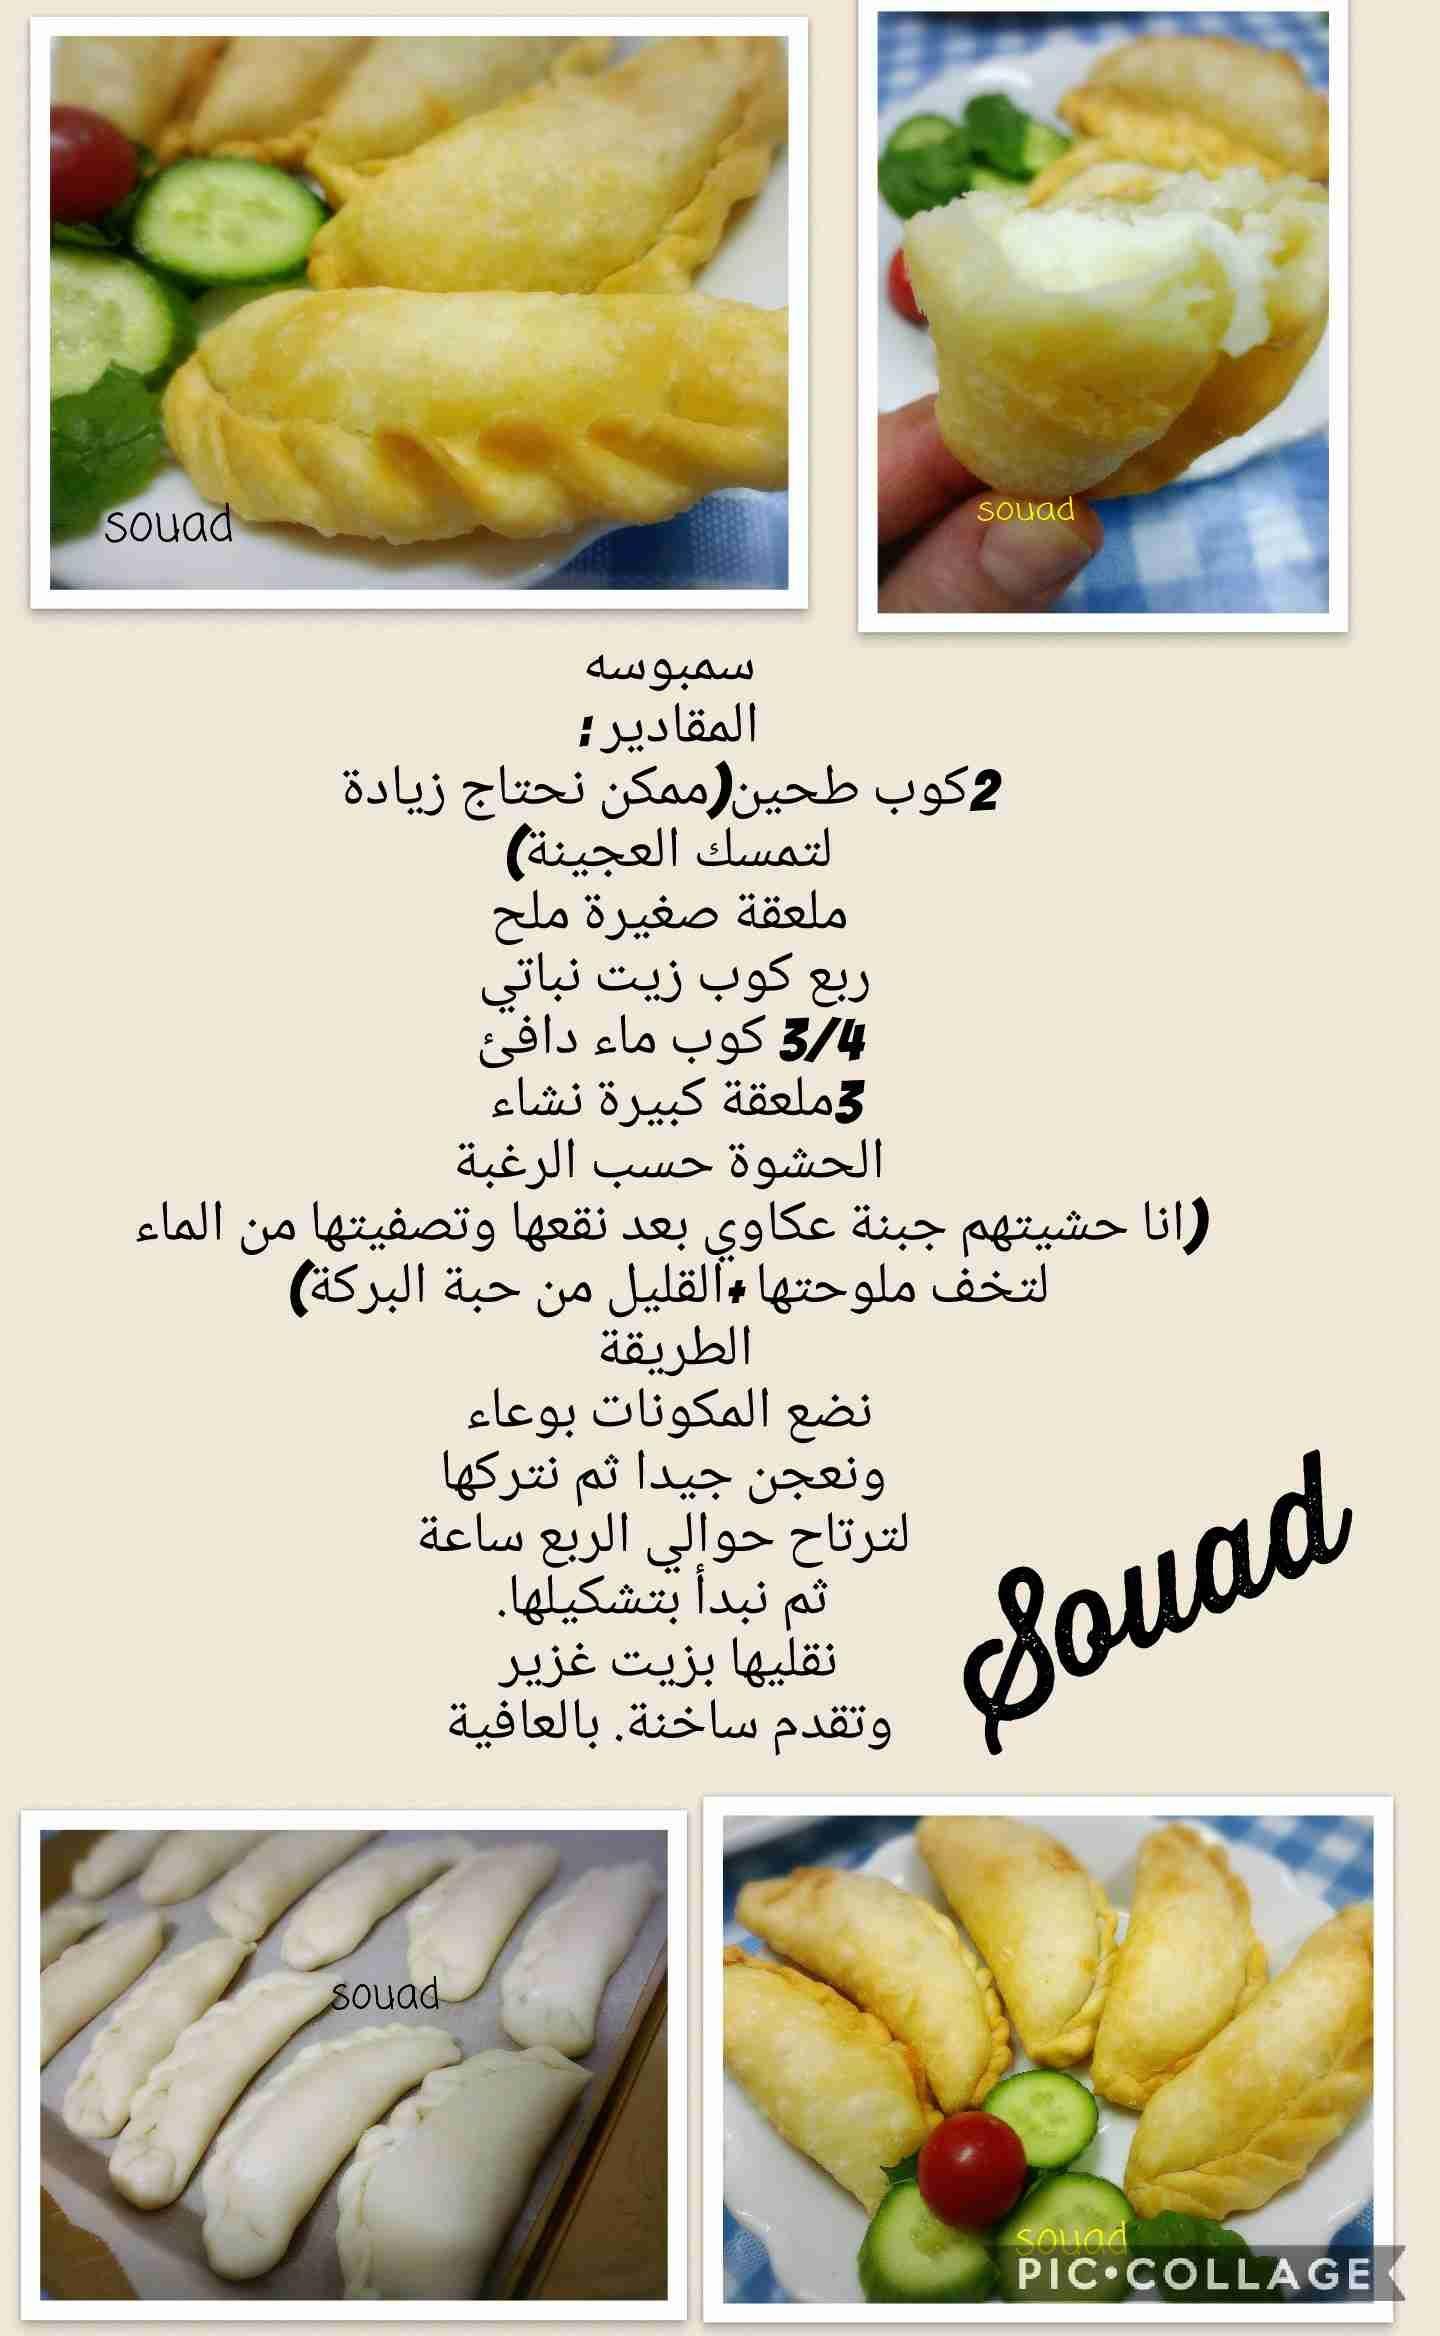 سمبوسة بعجينة رائعة احفظوها بالمفضلة بتفيدكم بشهر رمضان ملكة المعجنات زاكي Cookout Food Food Tasting Tunisian Food